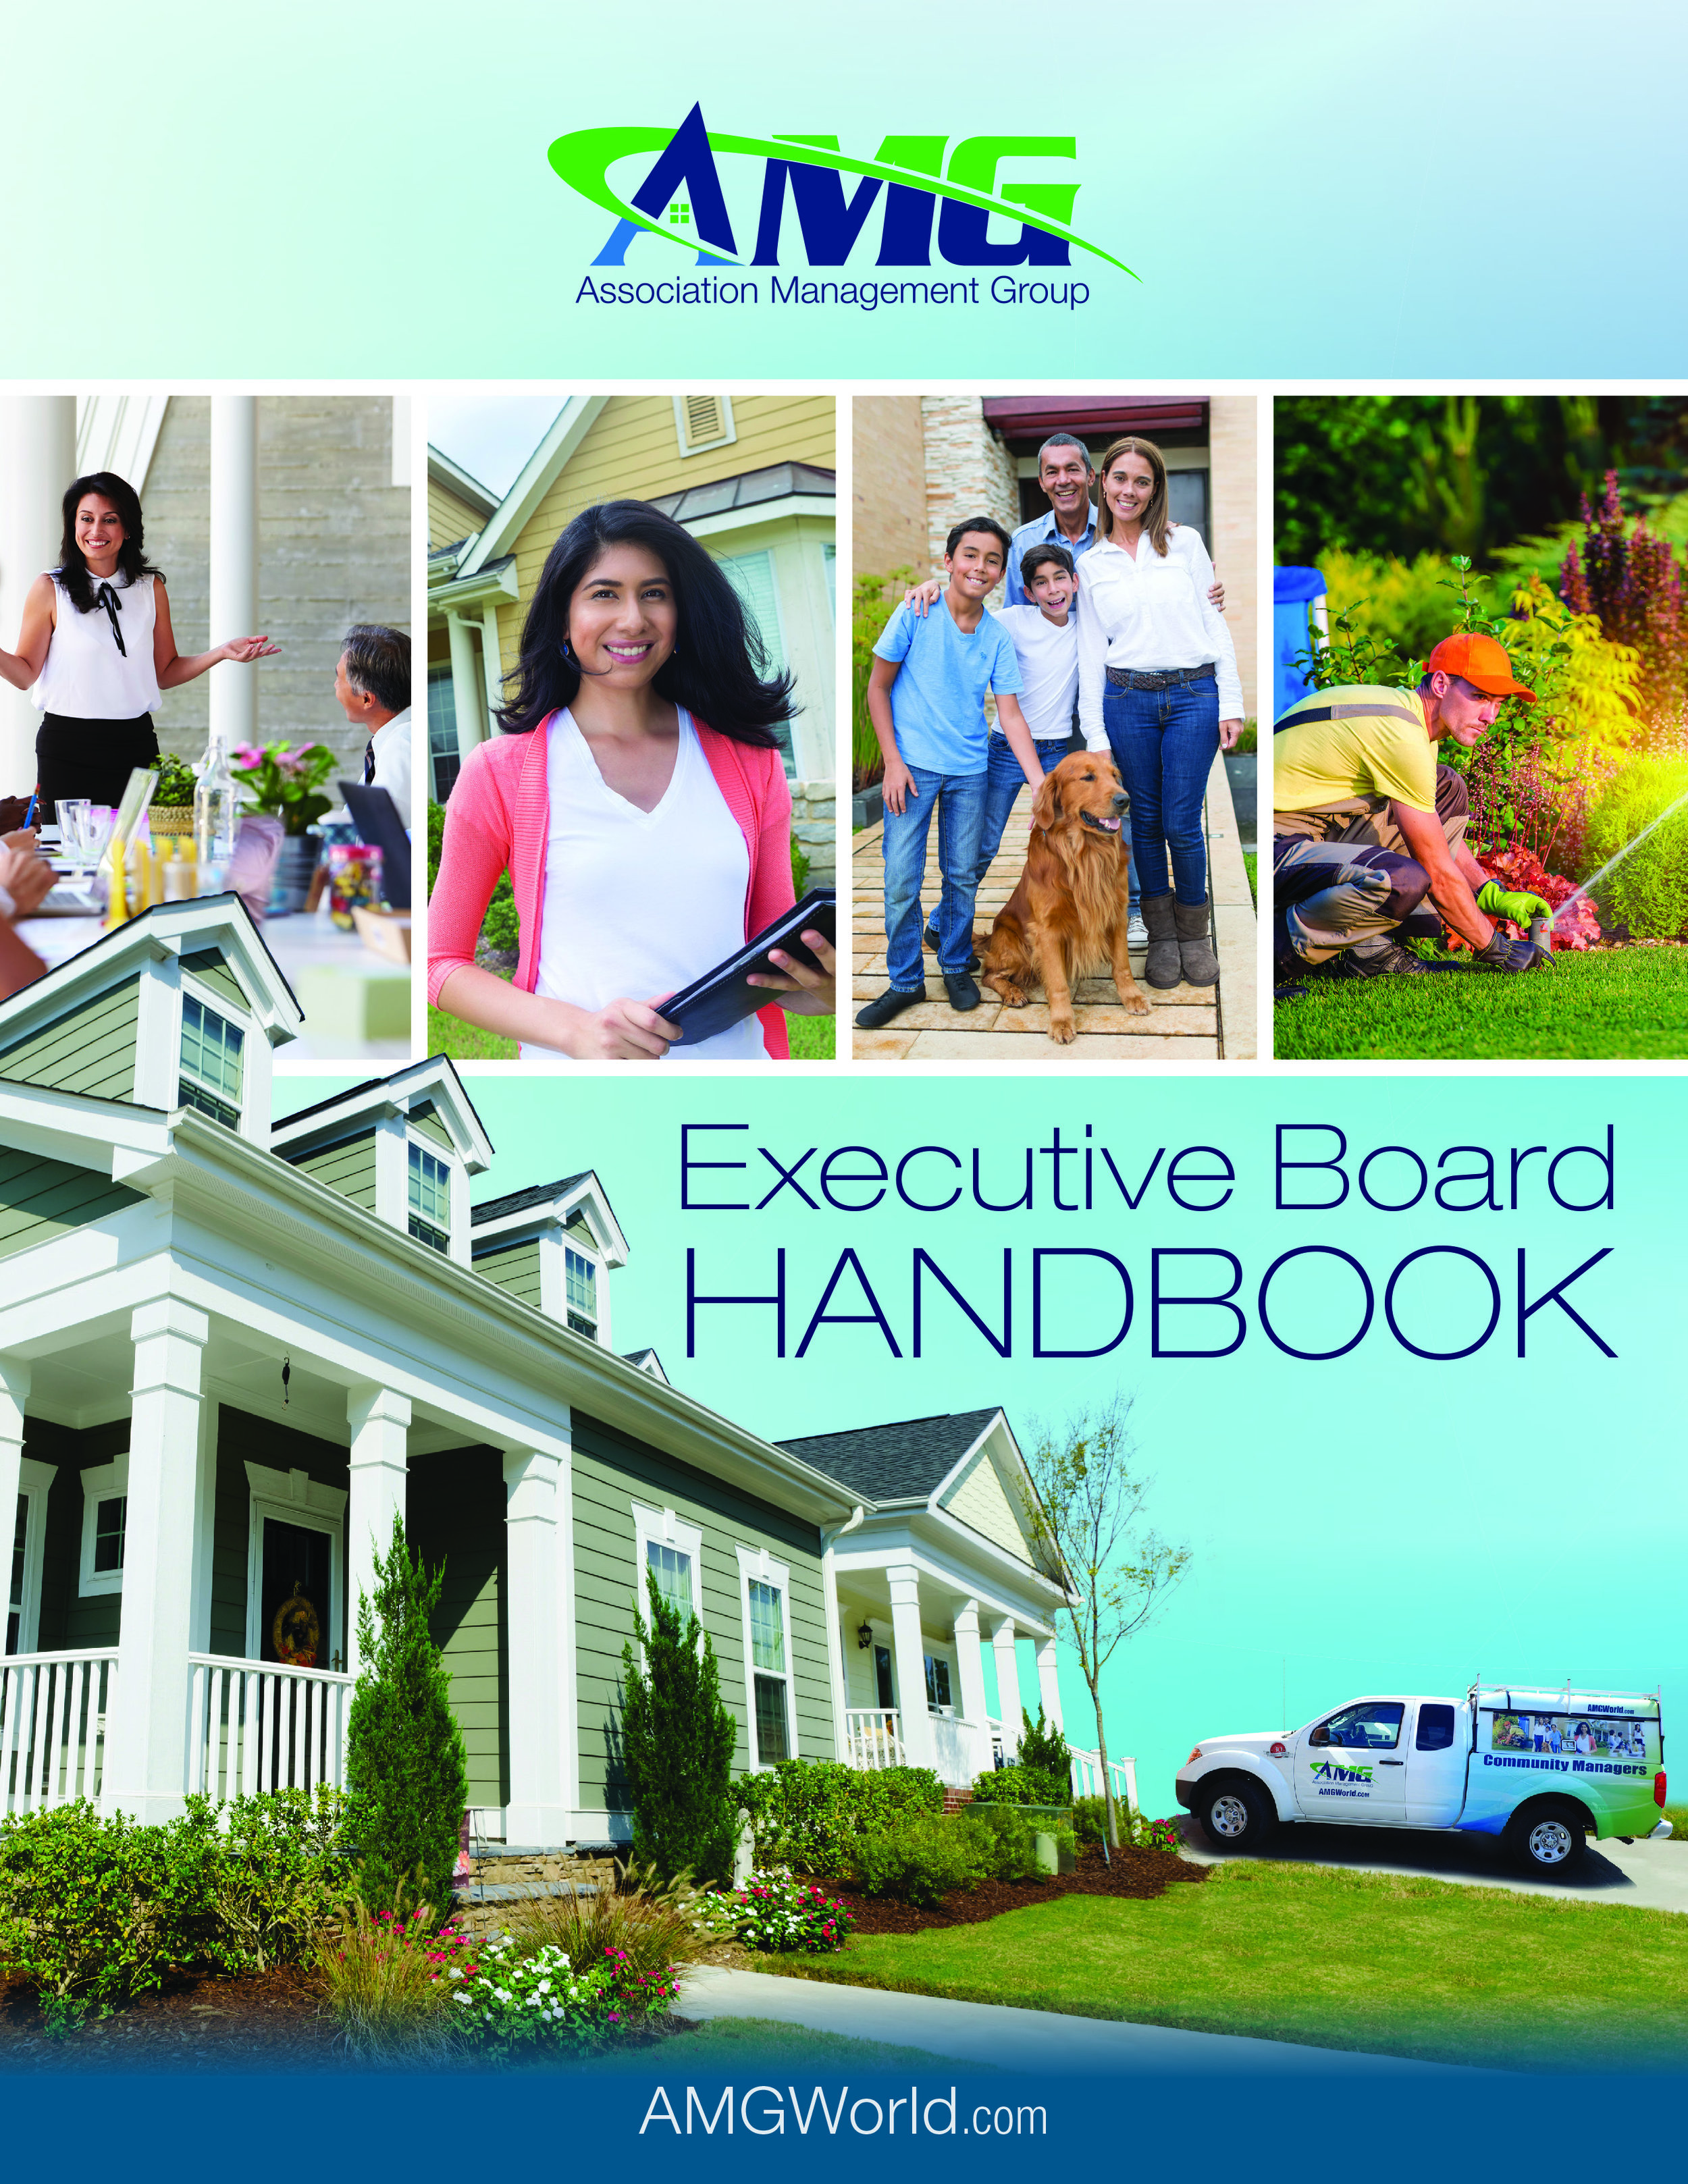 AMG Executive Board Handbook